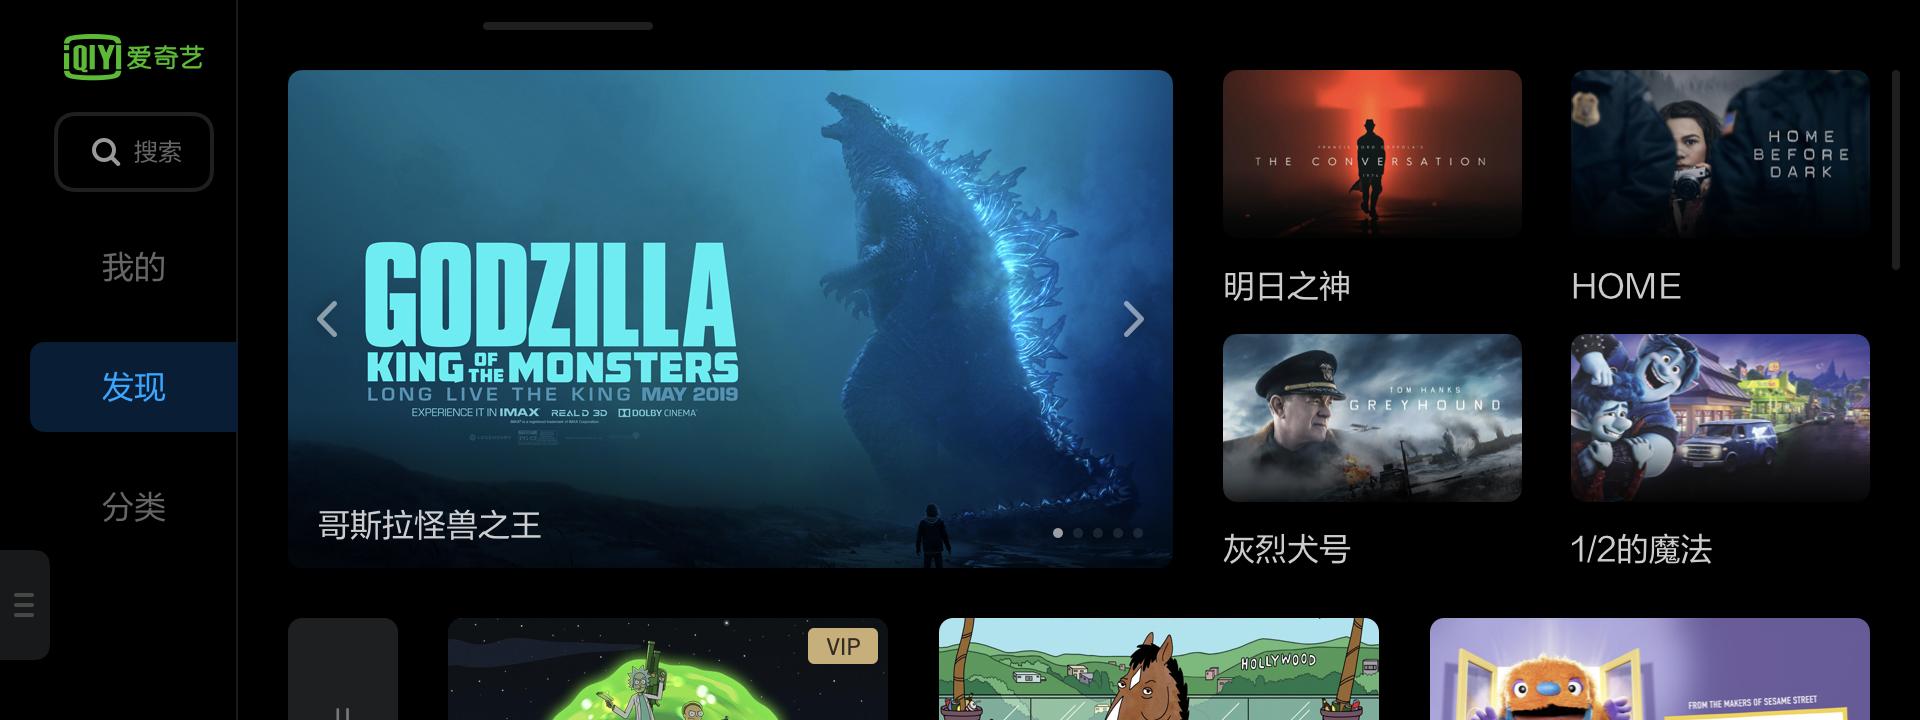 新设计的副驾娱乐屏爱奇艺视频应用界面.png